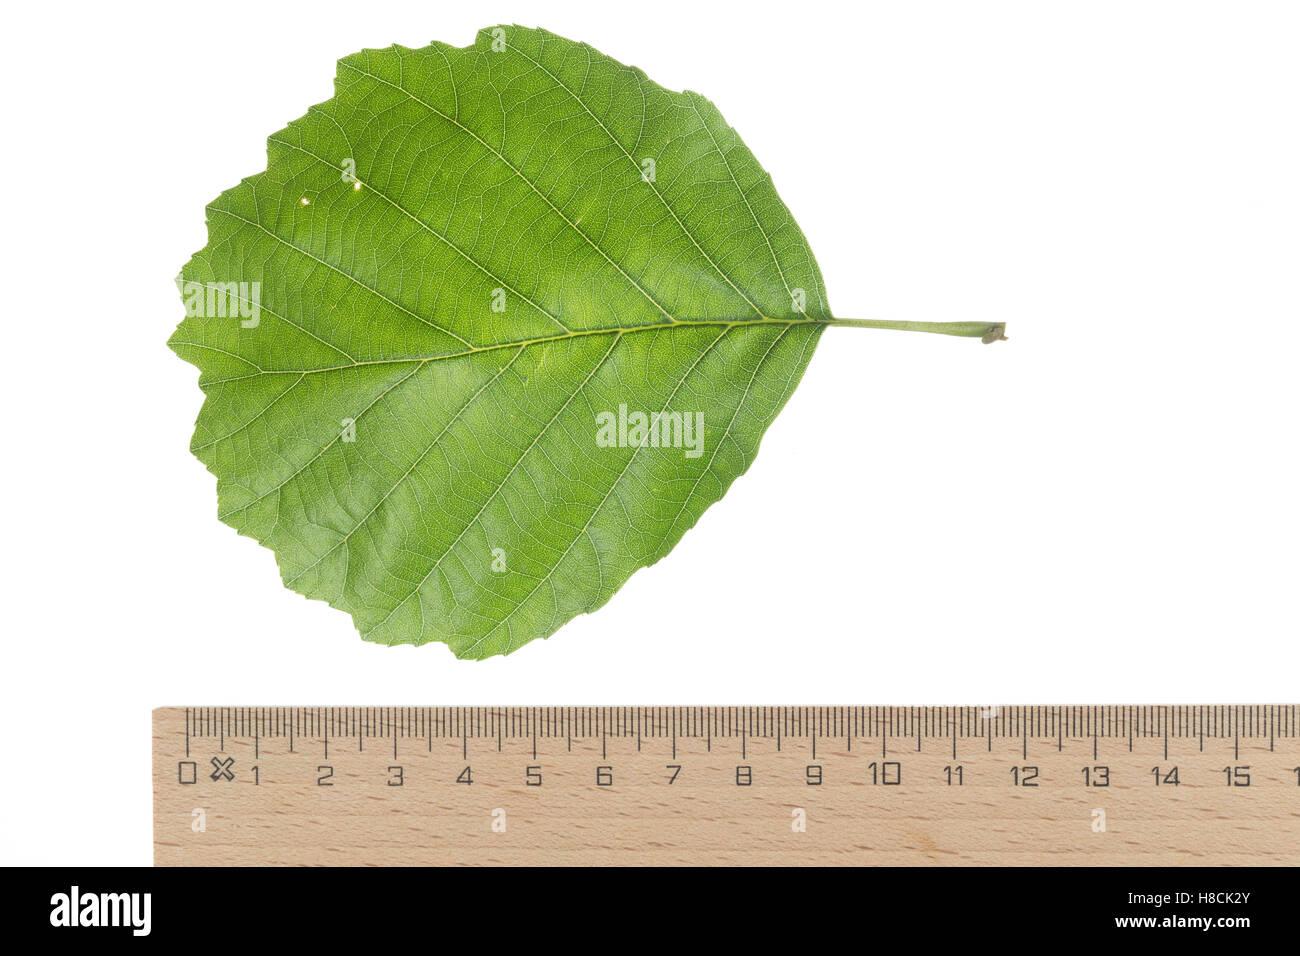 Schwarz-Erle, Schwarzerle, Erle, Alnus glutinosa, Common Alder, Aulne glutineux. Blatt, Blätter, leaf, leaves - Stock Image